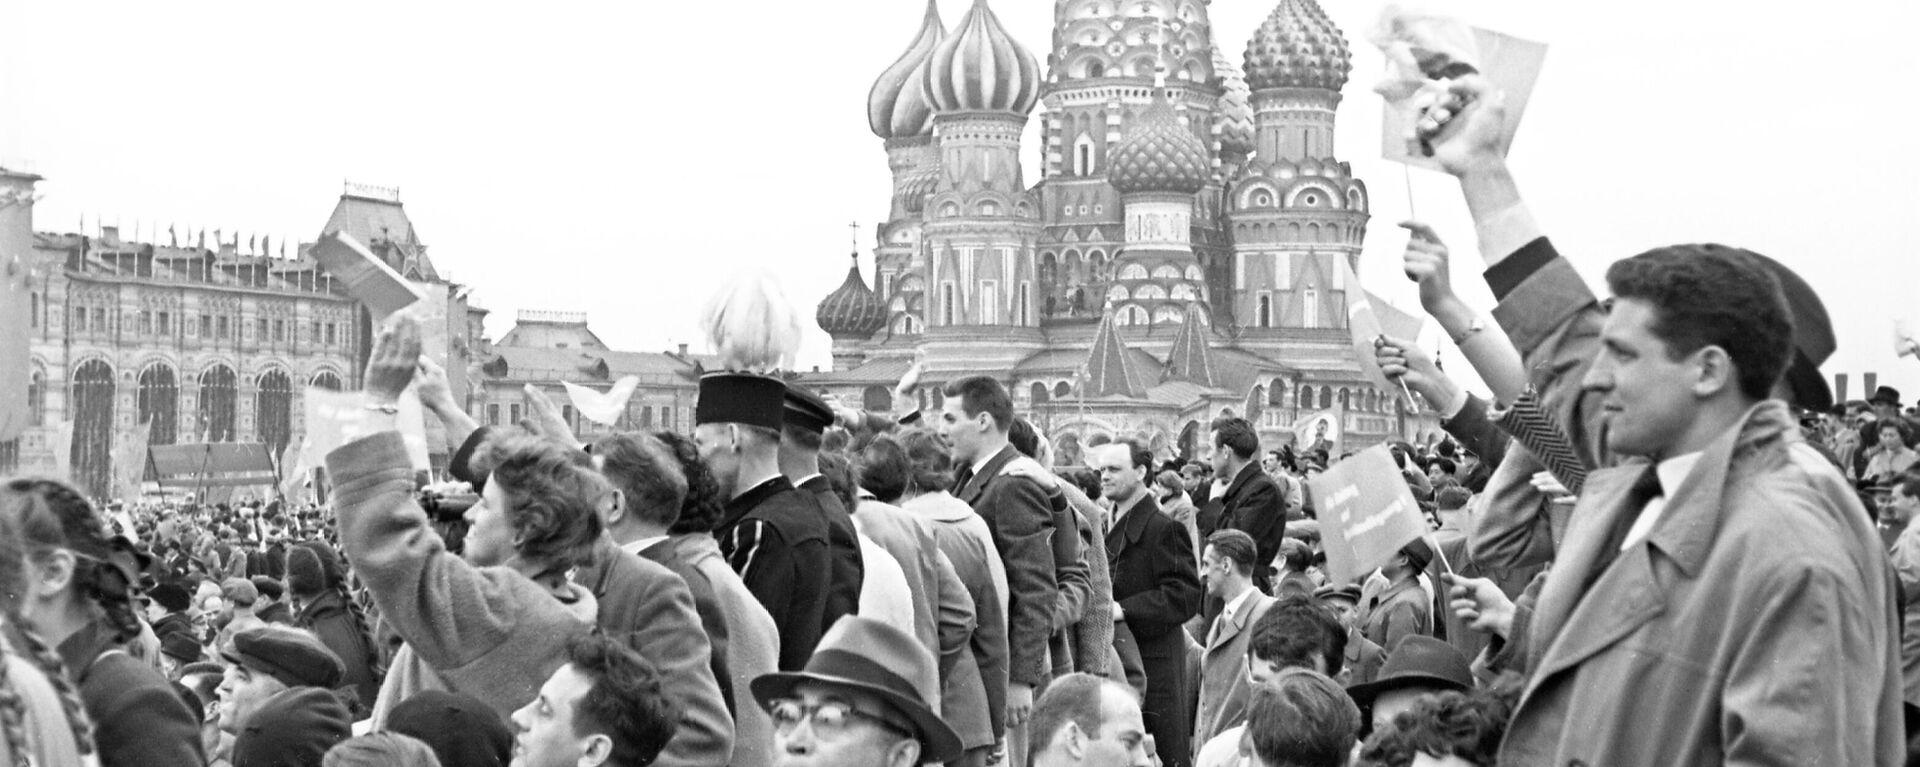 Первомайская демонстрация трудящихся на Красной площади, 1 мая 1960 года - Sputnik Узбекистан, 1920, 19.08.2021